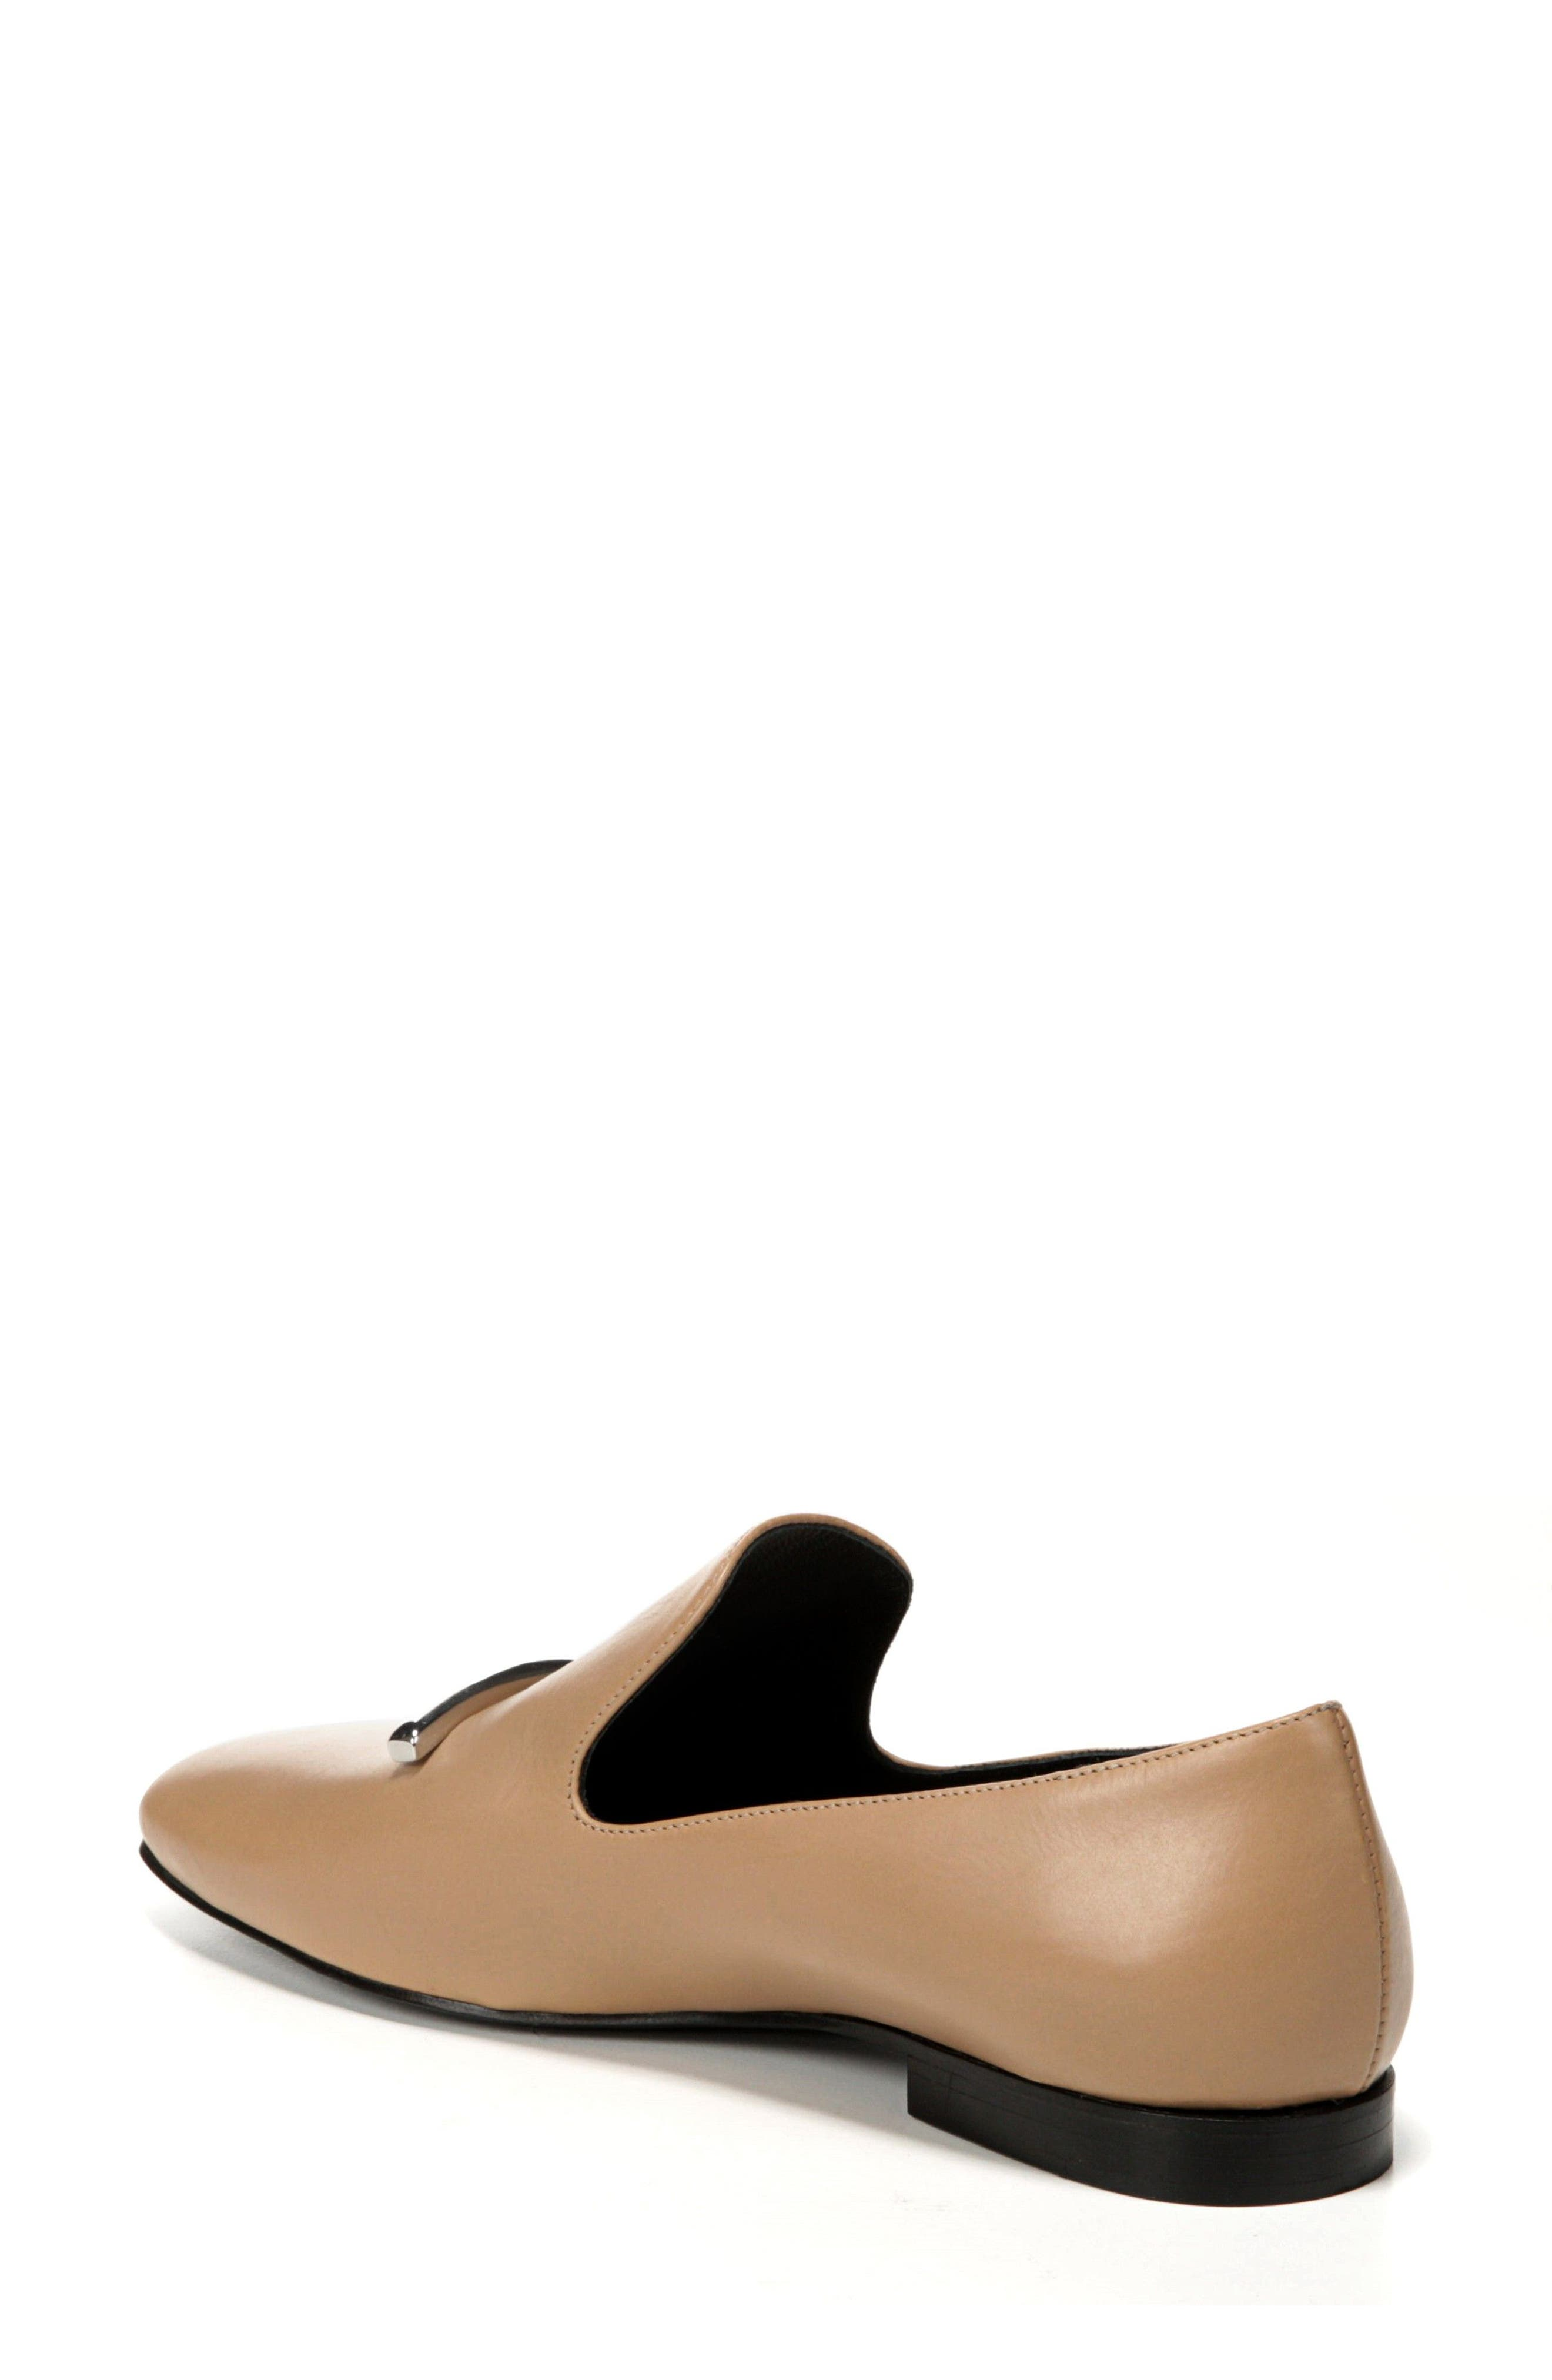 Tallis Flat Loafer,                             Alternate thumbnail 2, color,                             DESERT LEATHER